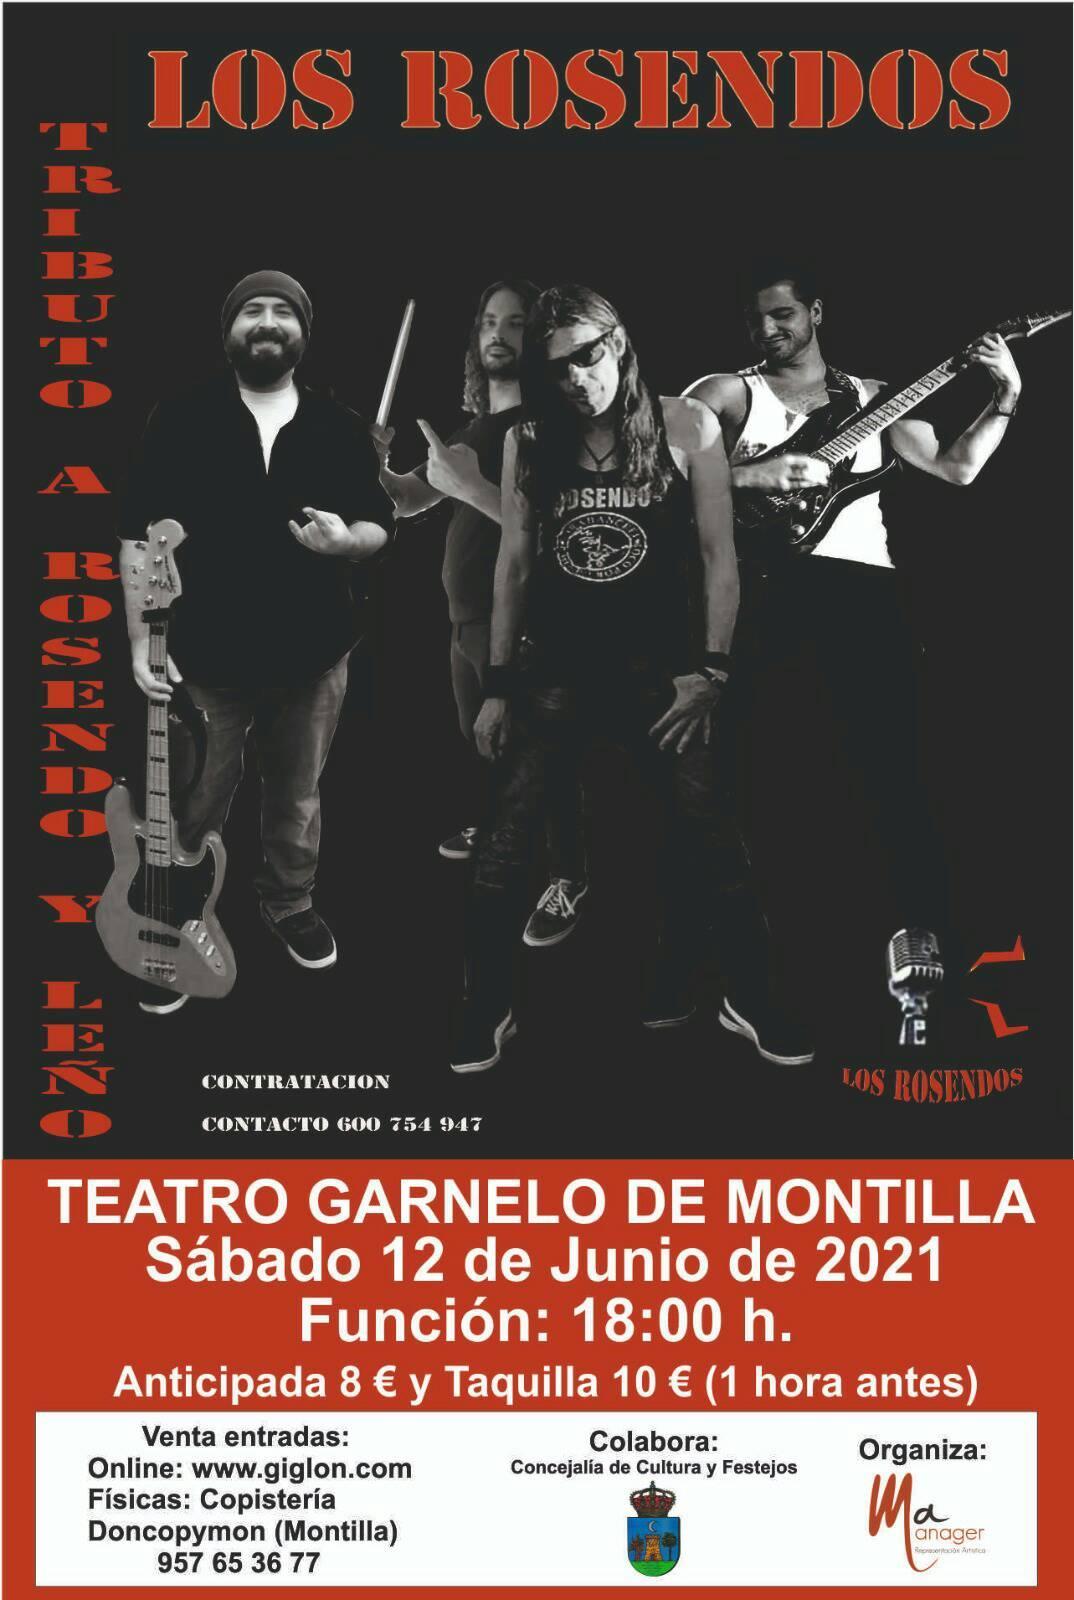 Los Rosendos (2021) - Montilla (Córdoba)